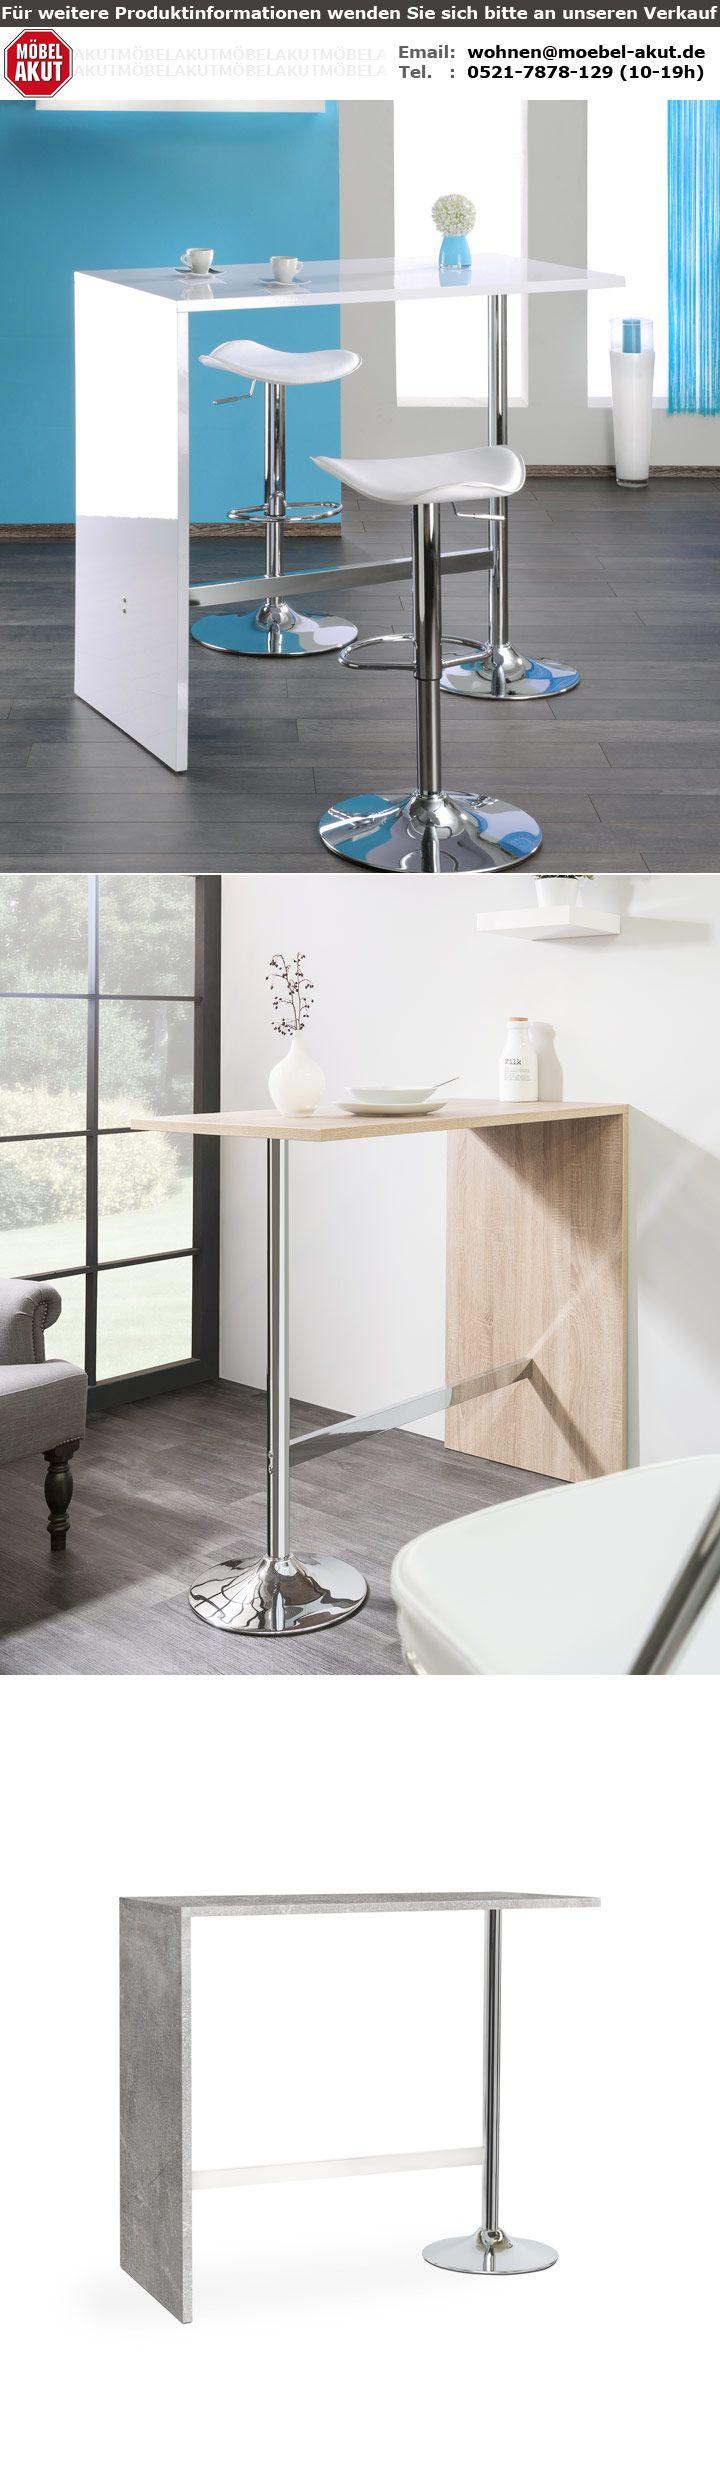 Ungewöhnlich Stehtisch Küchenmöbel Galerie - Ideen Für Die Küche ...